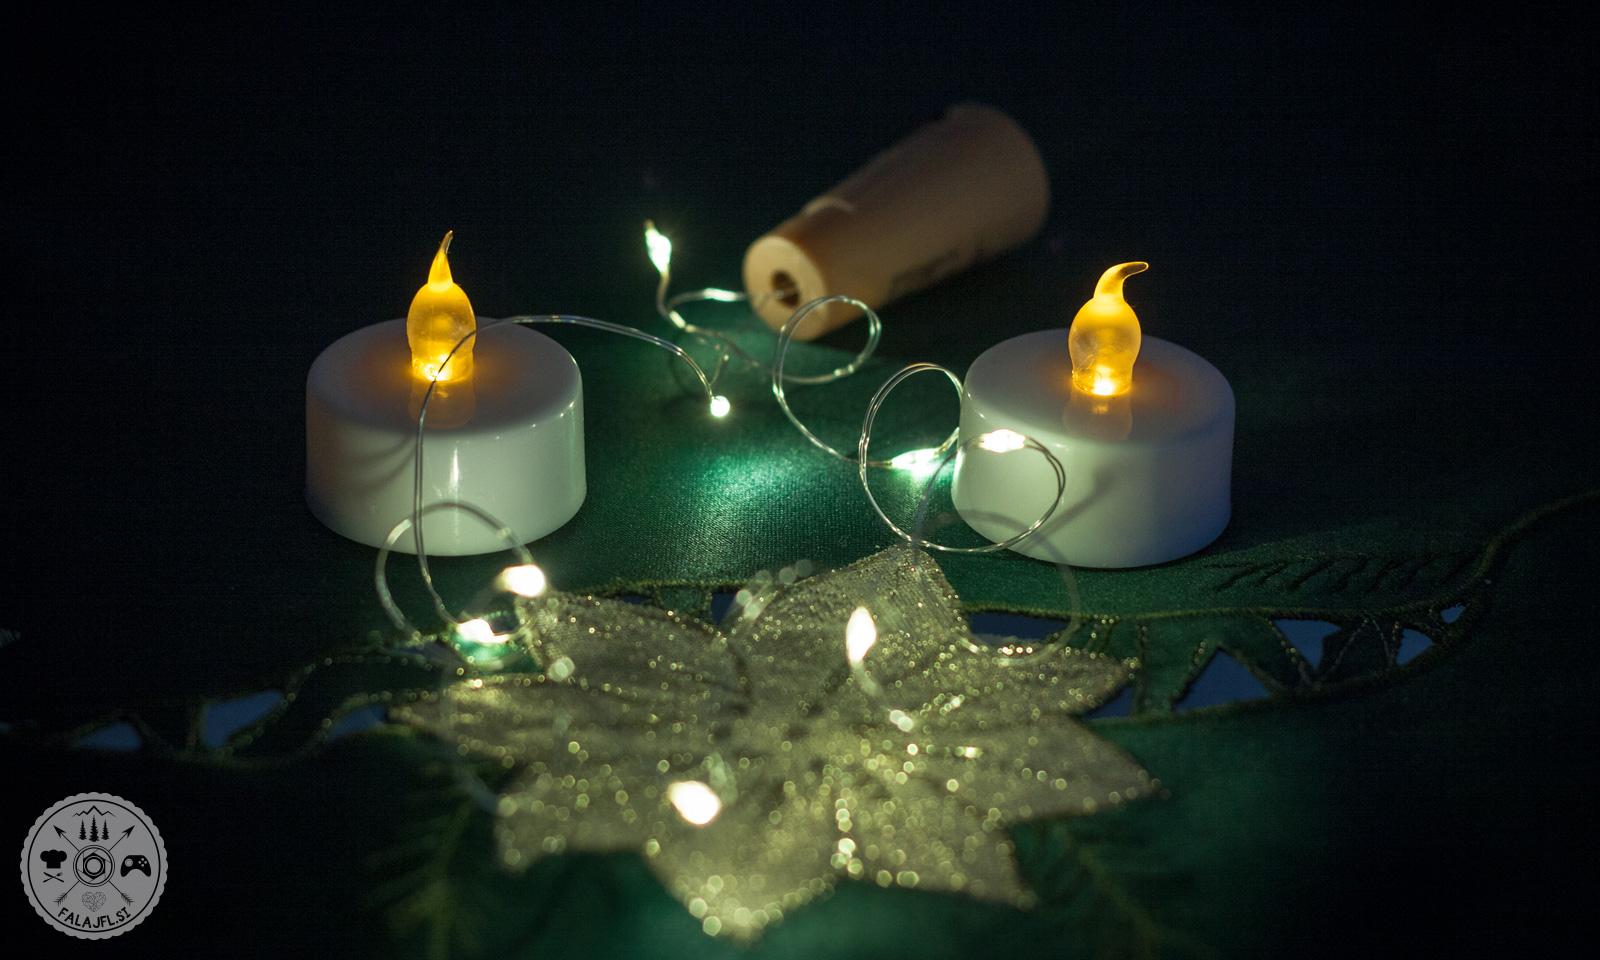 svečki in trak za LED steklenice